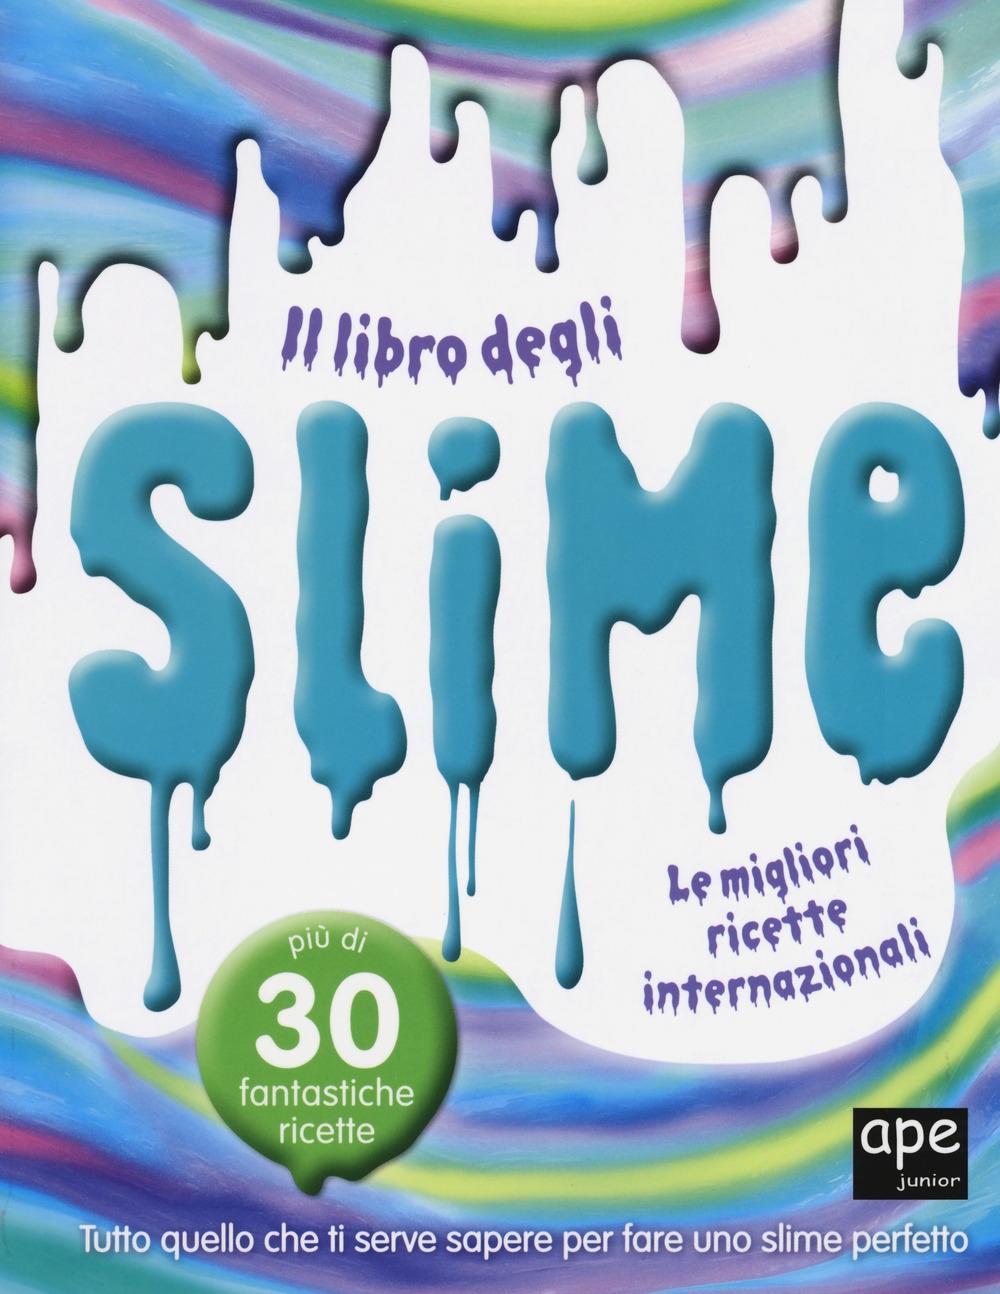 Il libro degli slime. Le migliori ricette internazionali